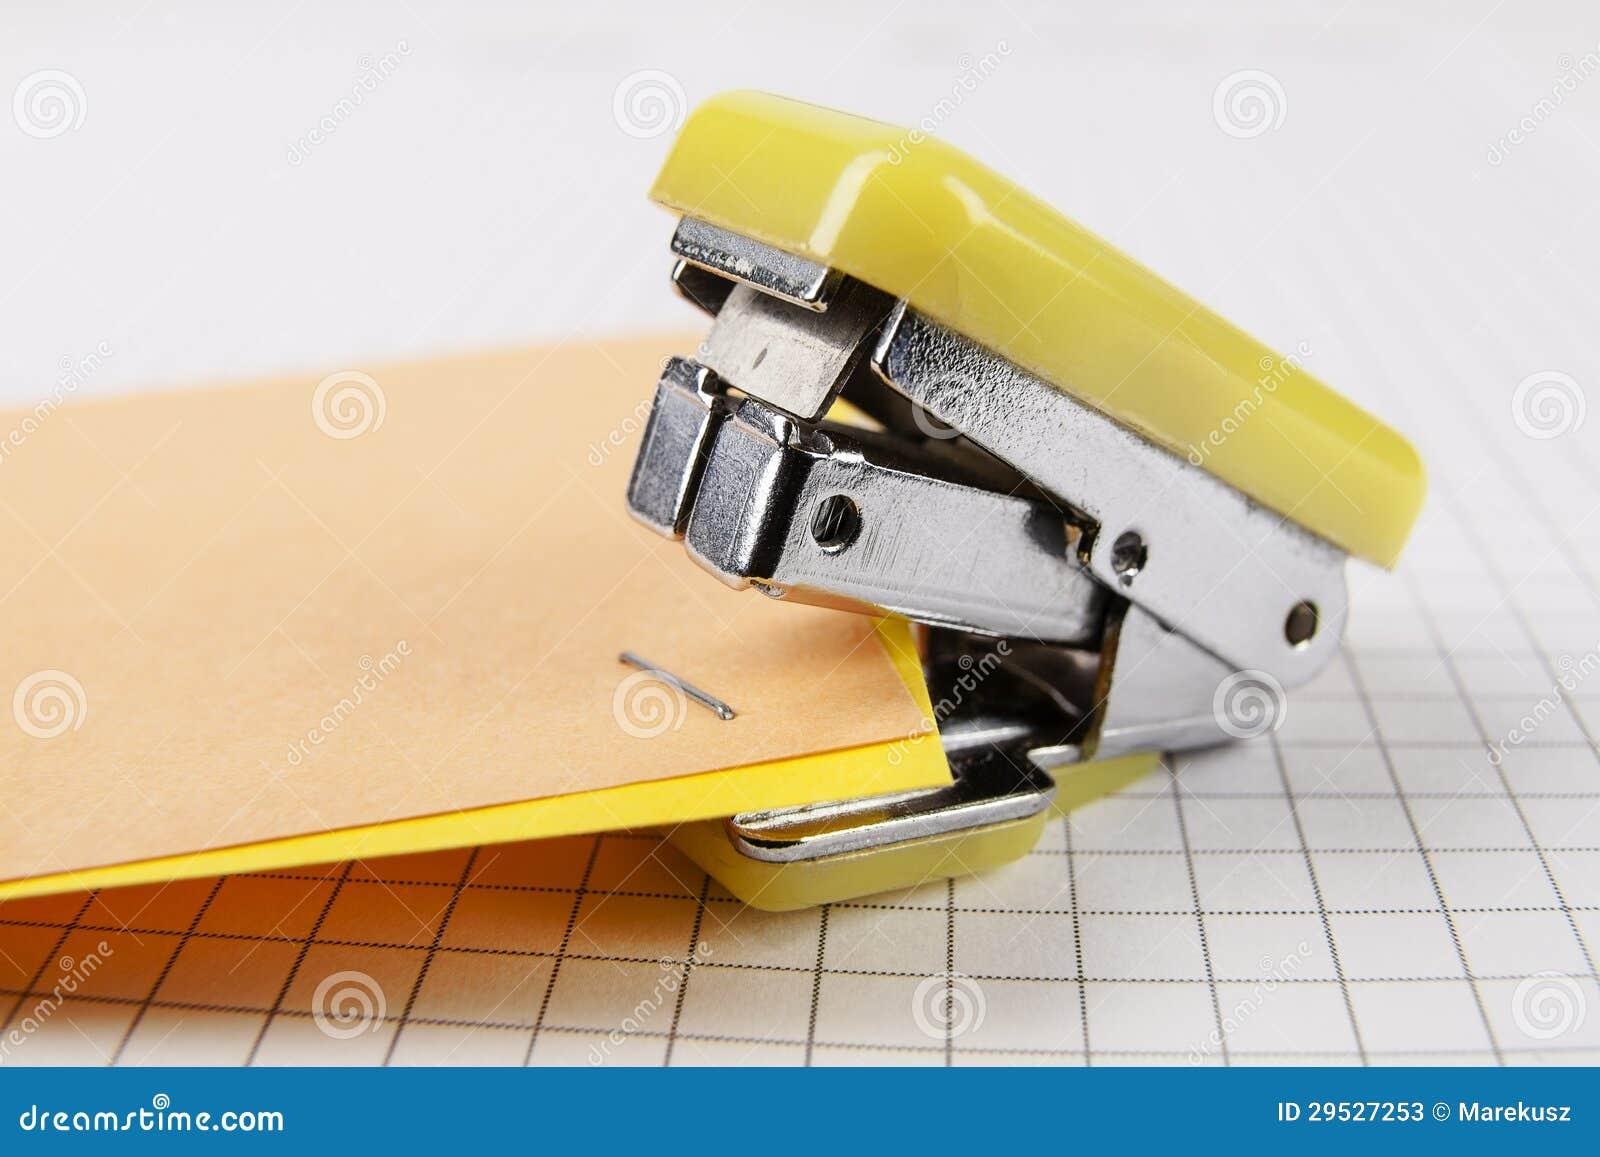 Nietmachine en document